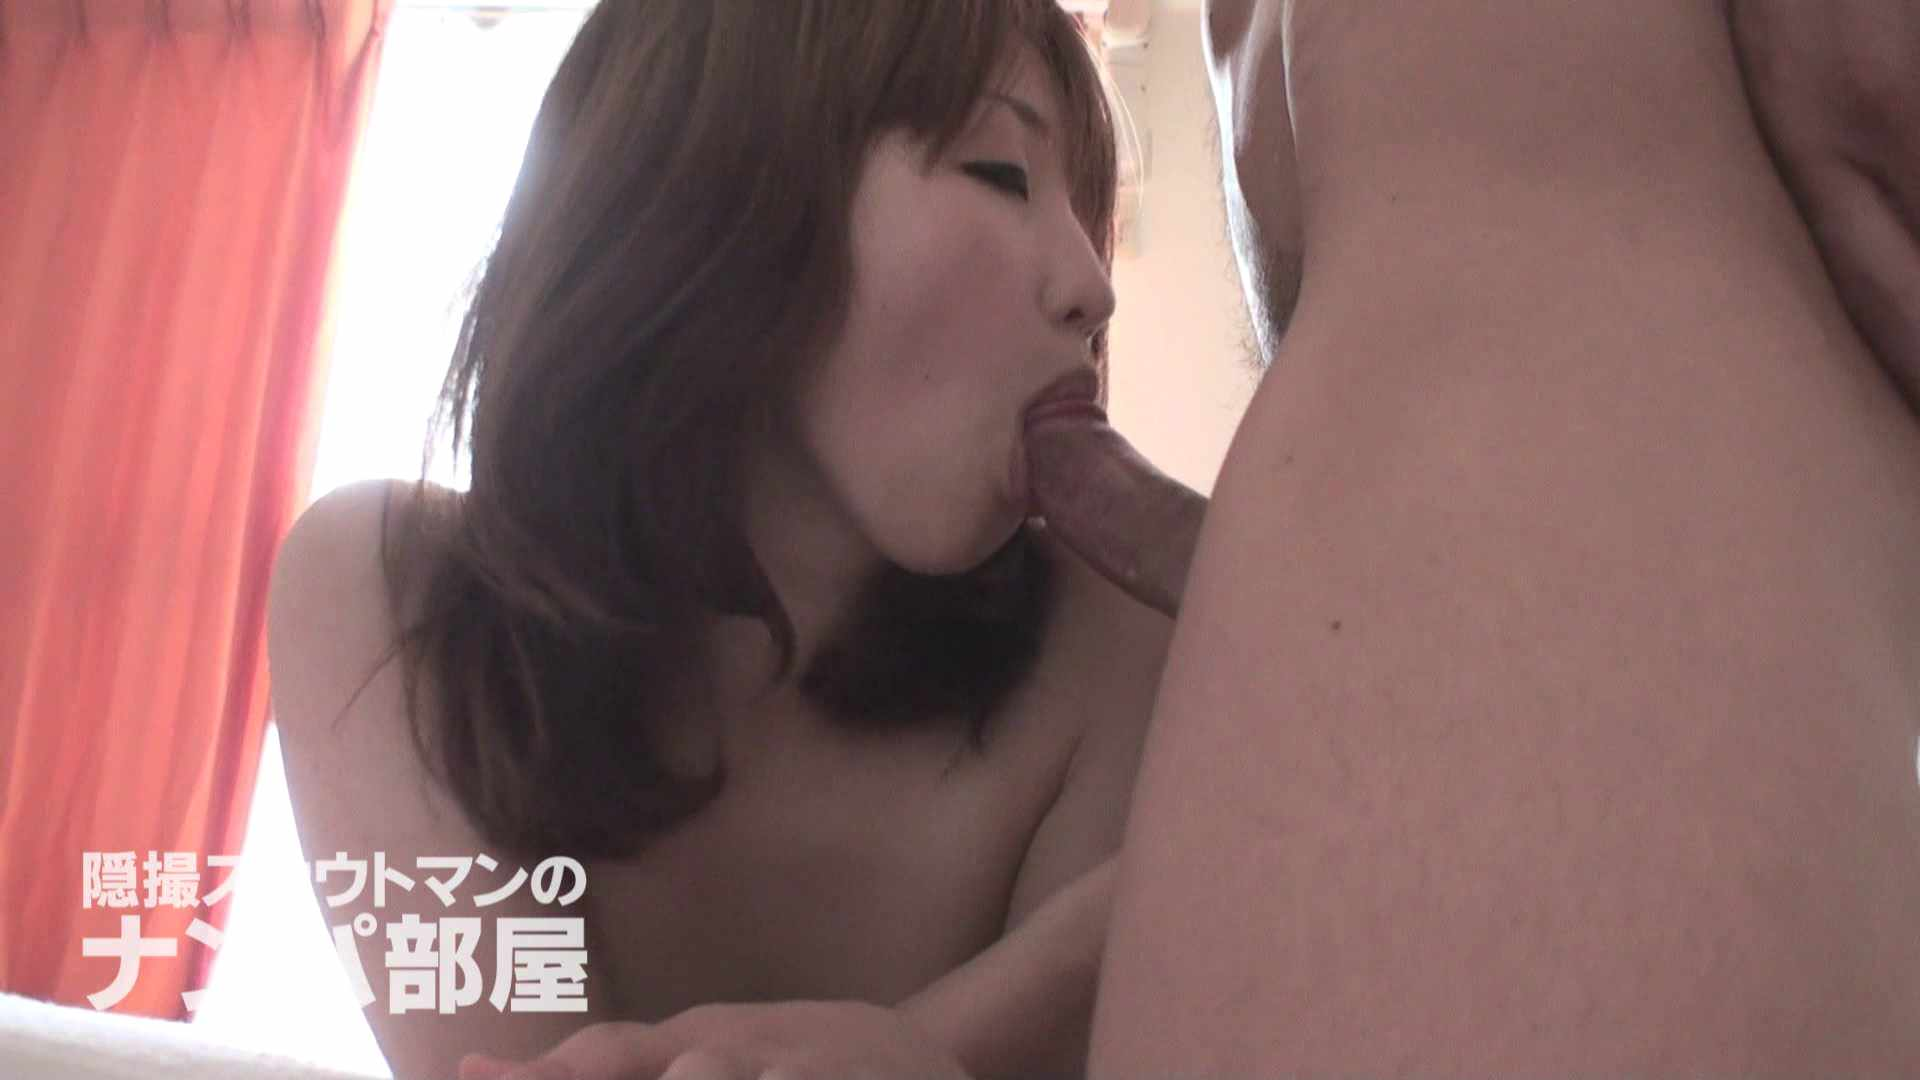 隠撮スカウトマンのナンパ部屋~風俗デビュー前のつまみ食い~ siivol.4 中出し エロ無料画像 74pic 48